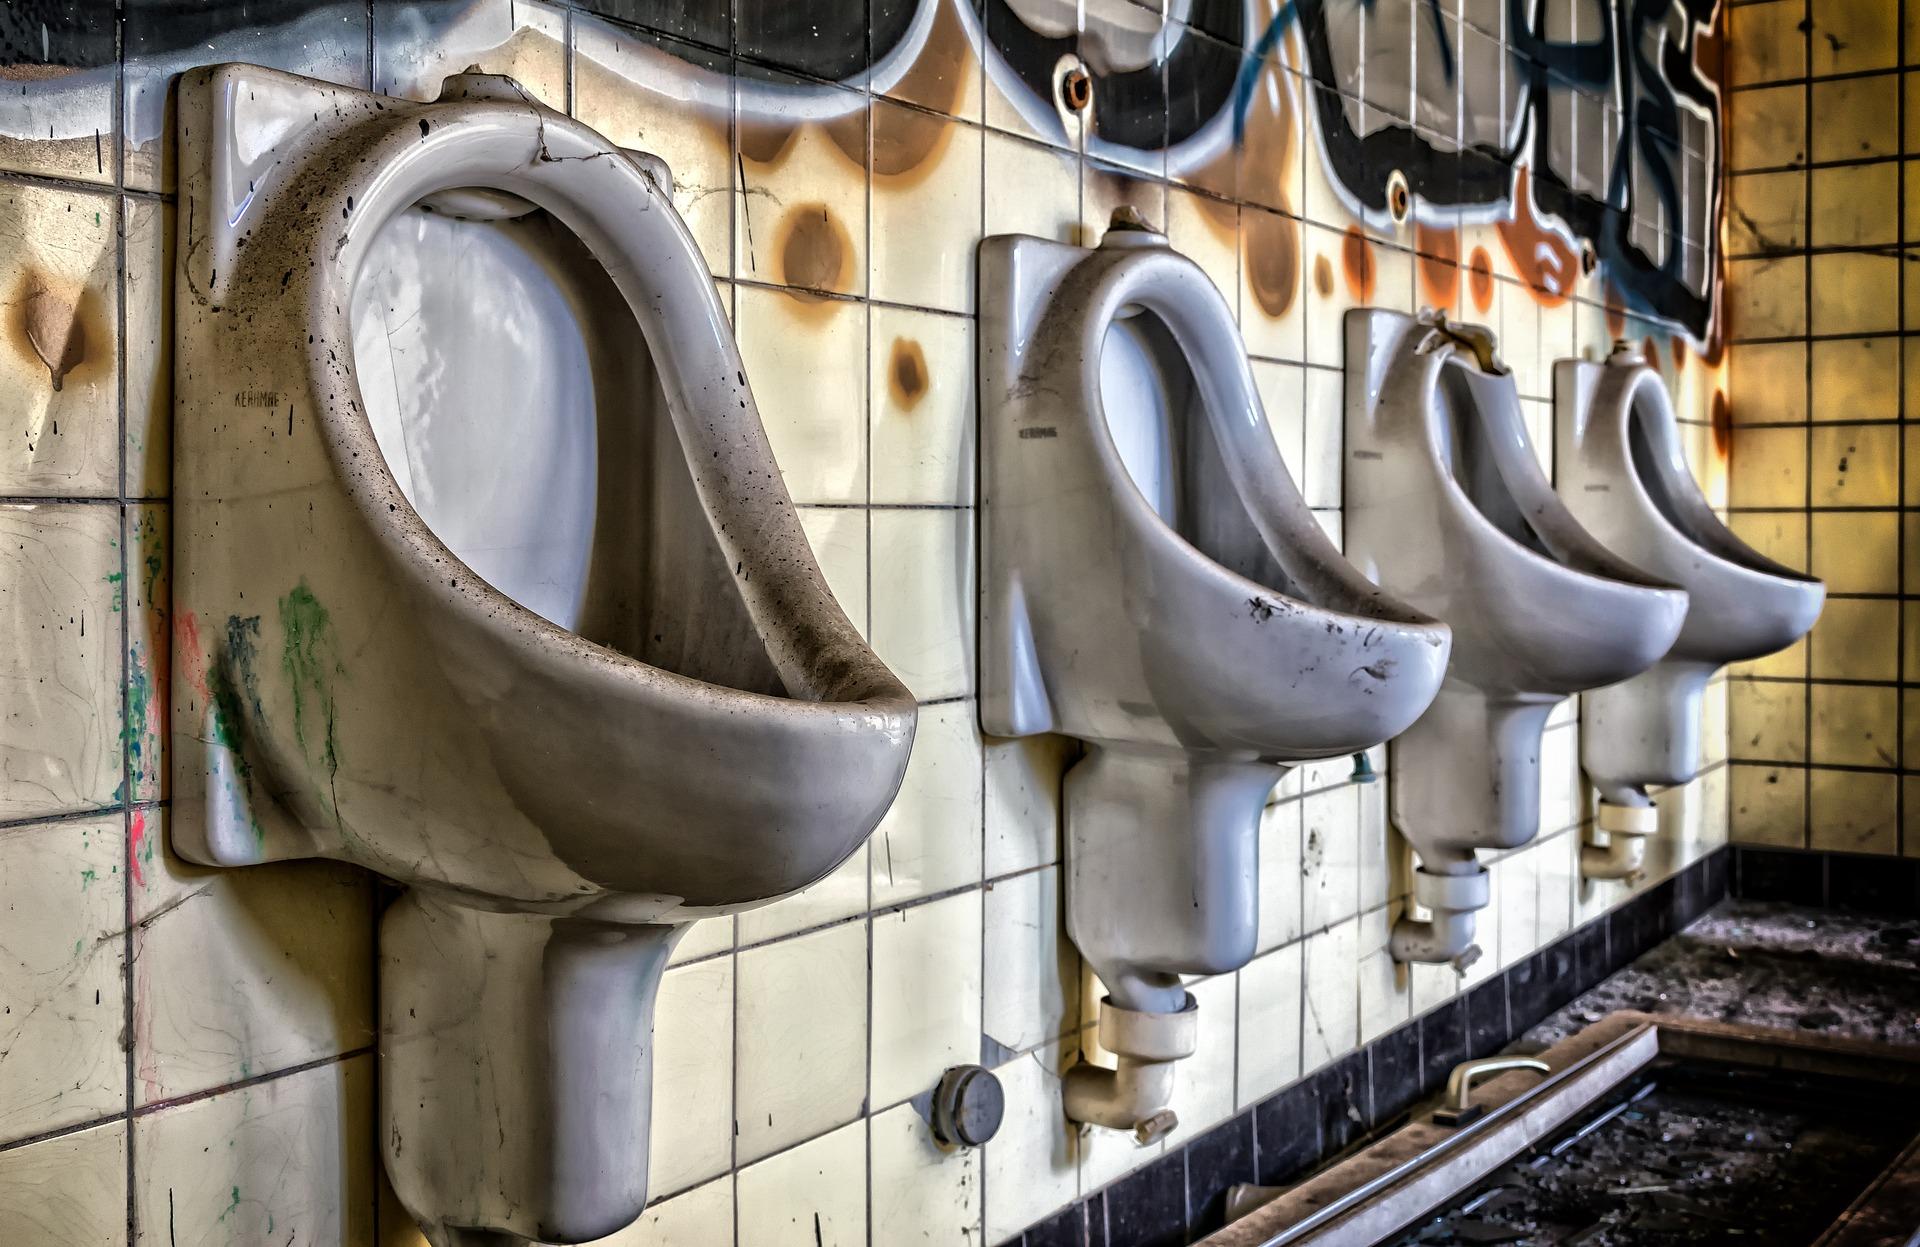 toilet-2789736_1920.jpg